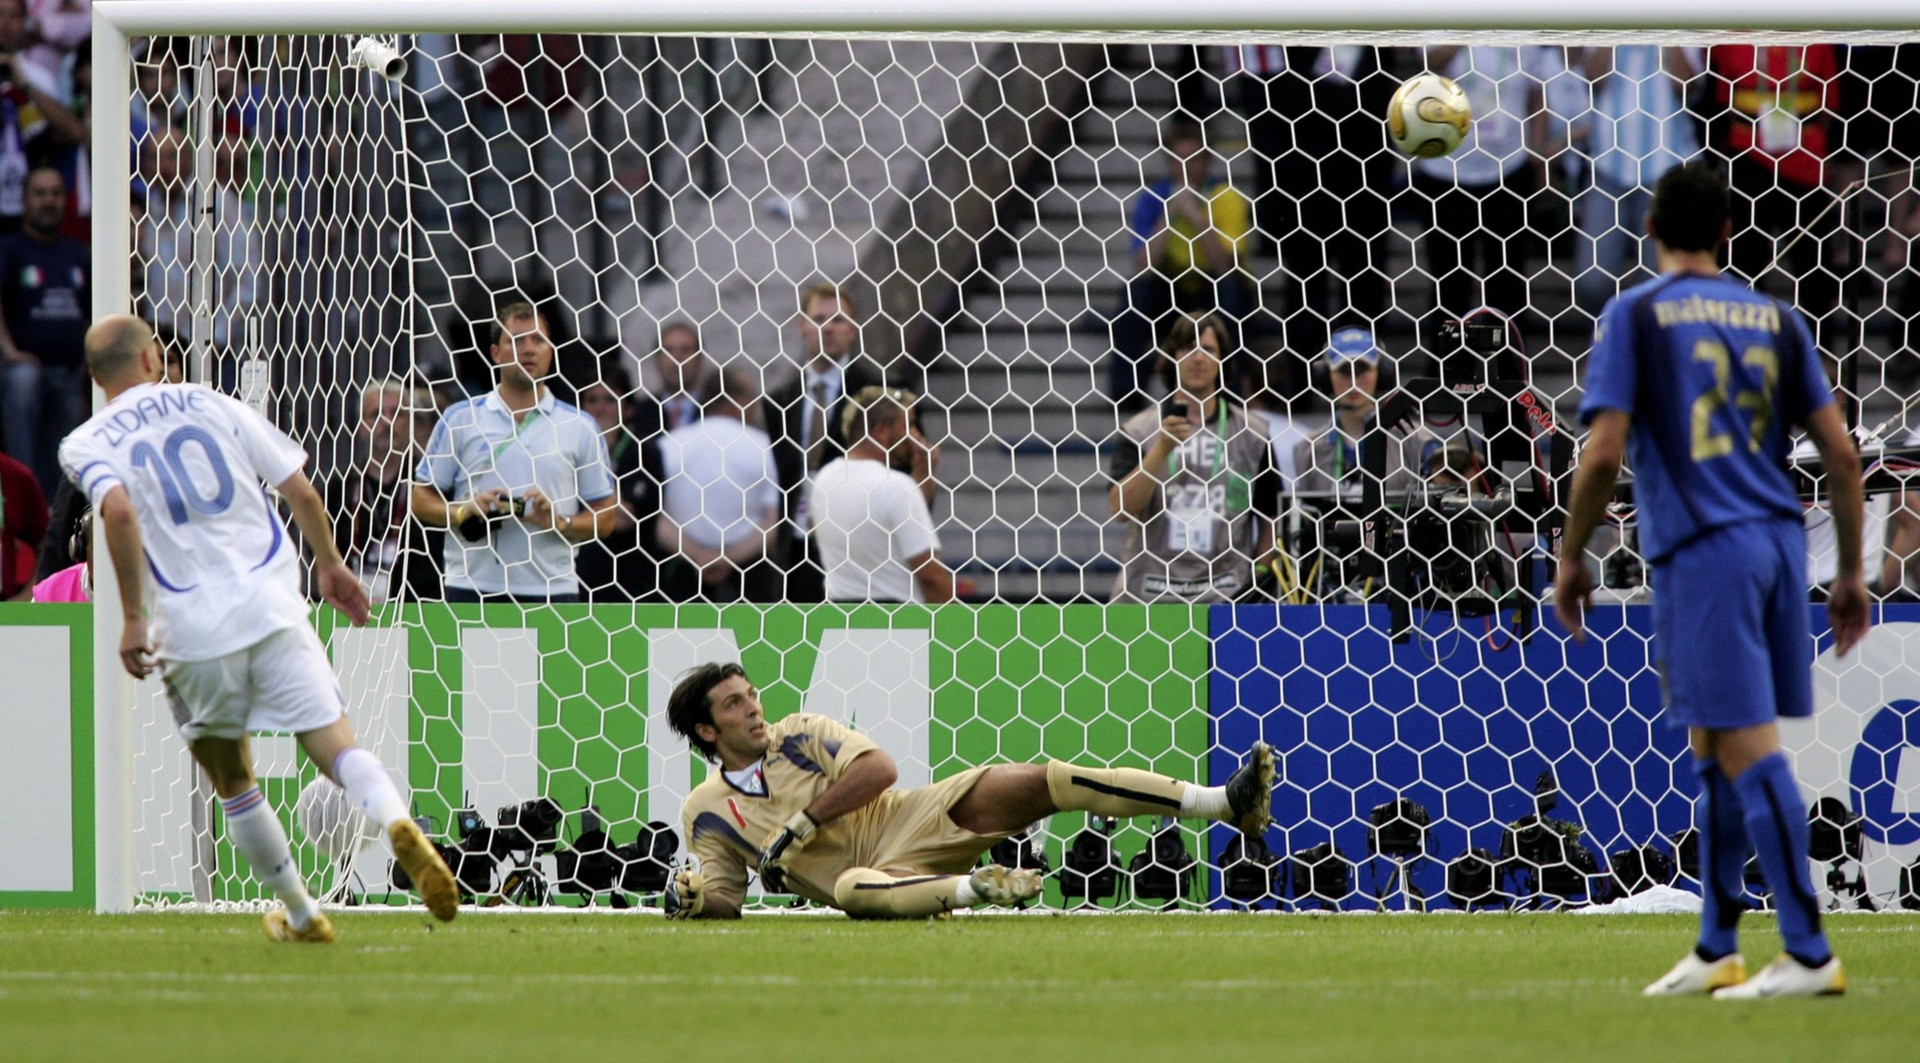 Футболу 2006 пенальти серия чемпионата по мира финал